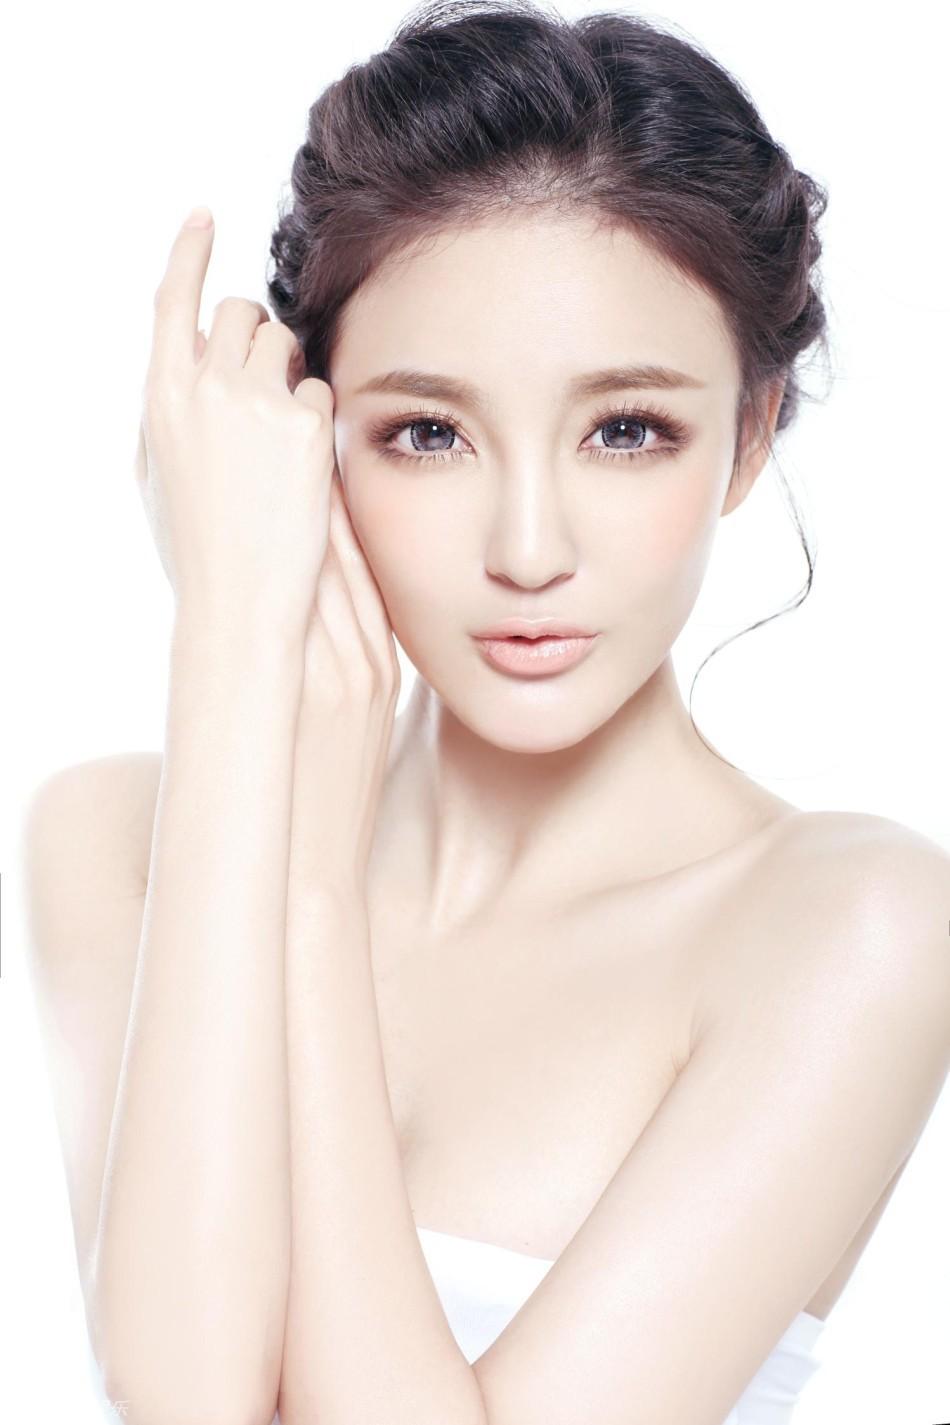 http://www.sinaimg.cn/dy/slidenews/4_img/2013_09/704_898601_948537.jpg